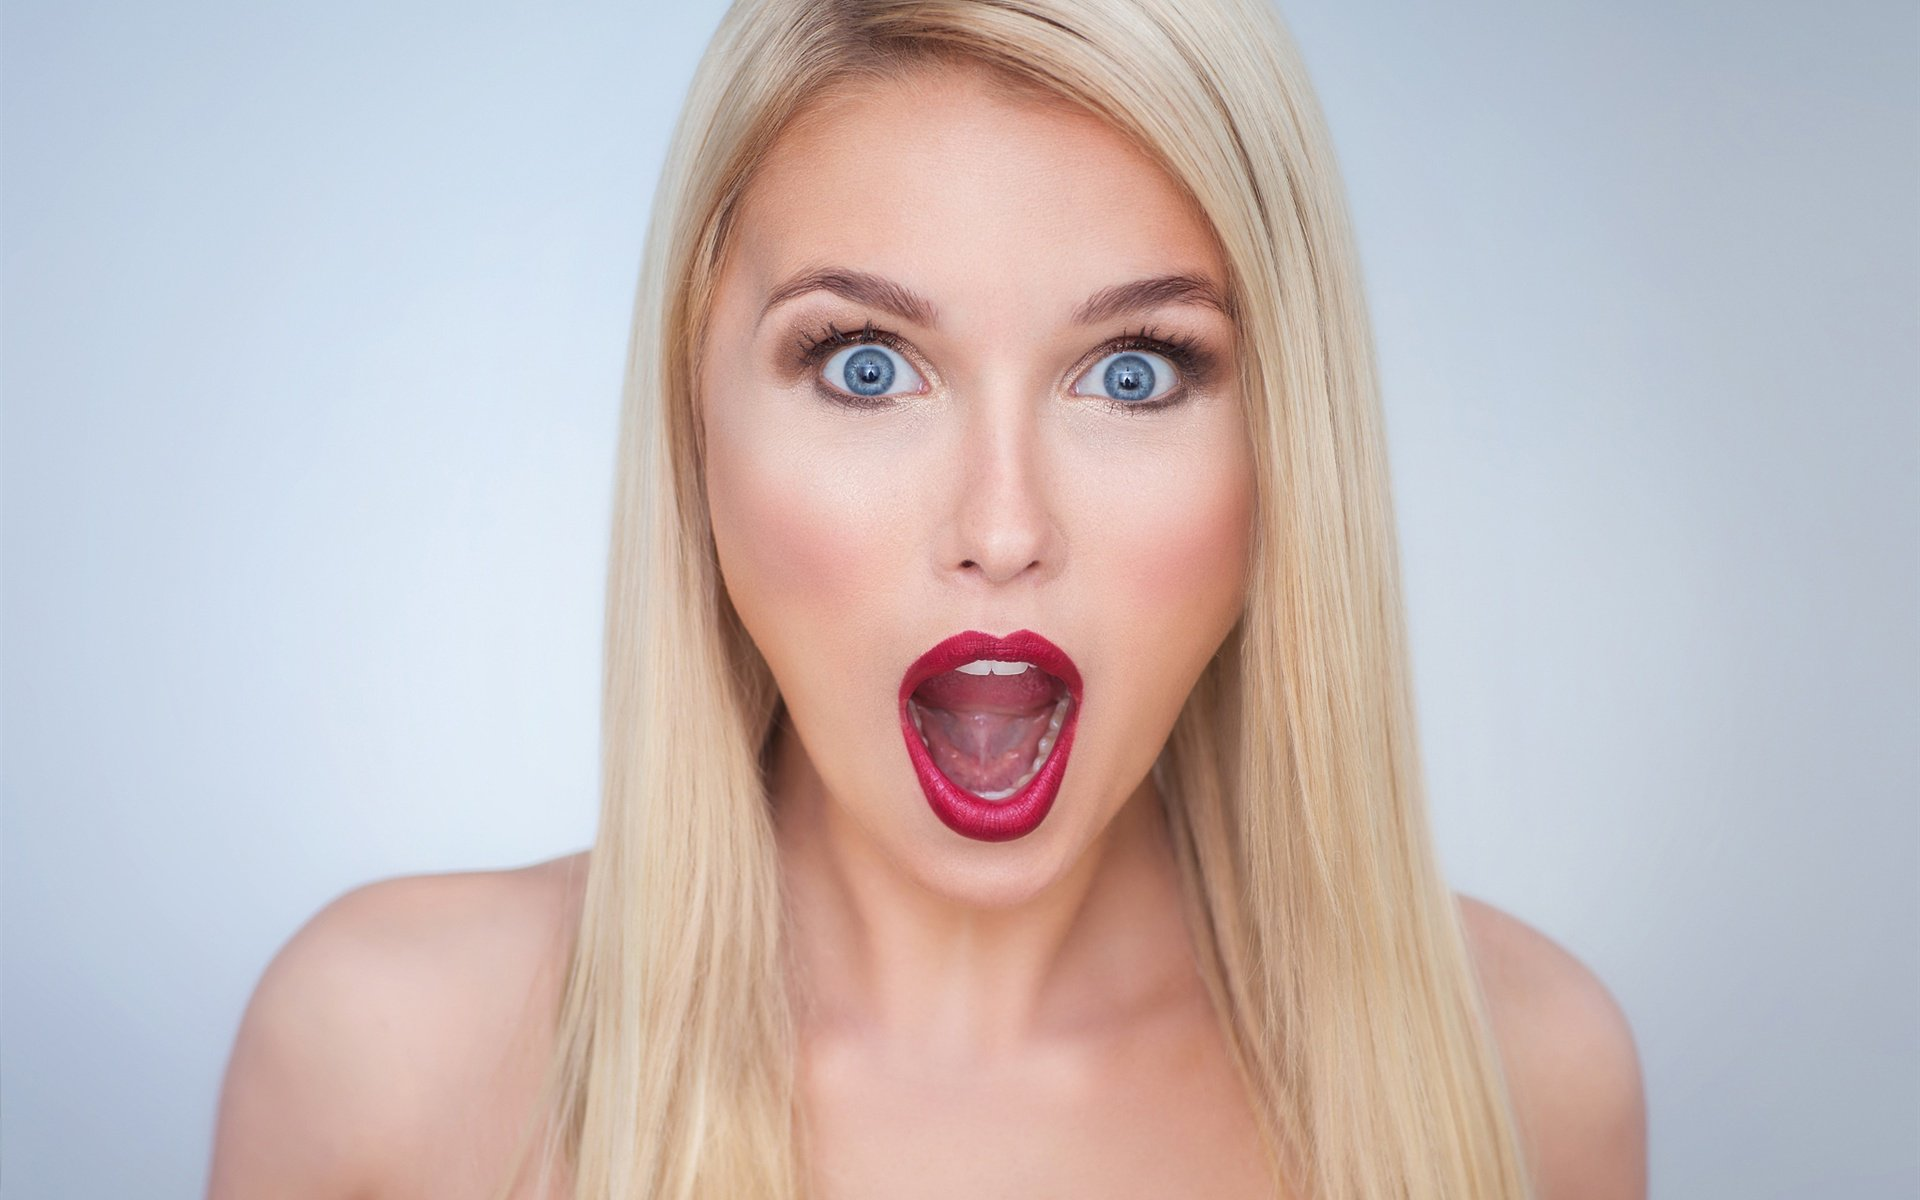 фото что может делать ртом женщина чего-то большого, хотя